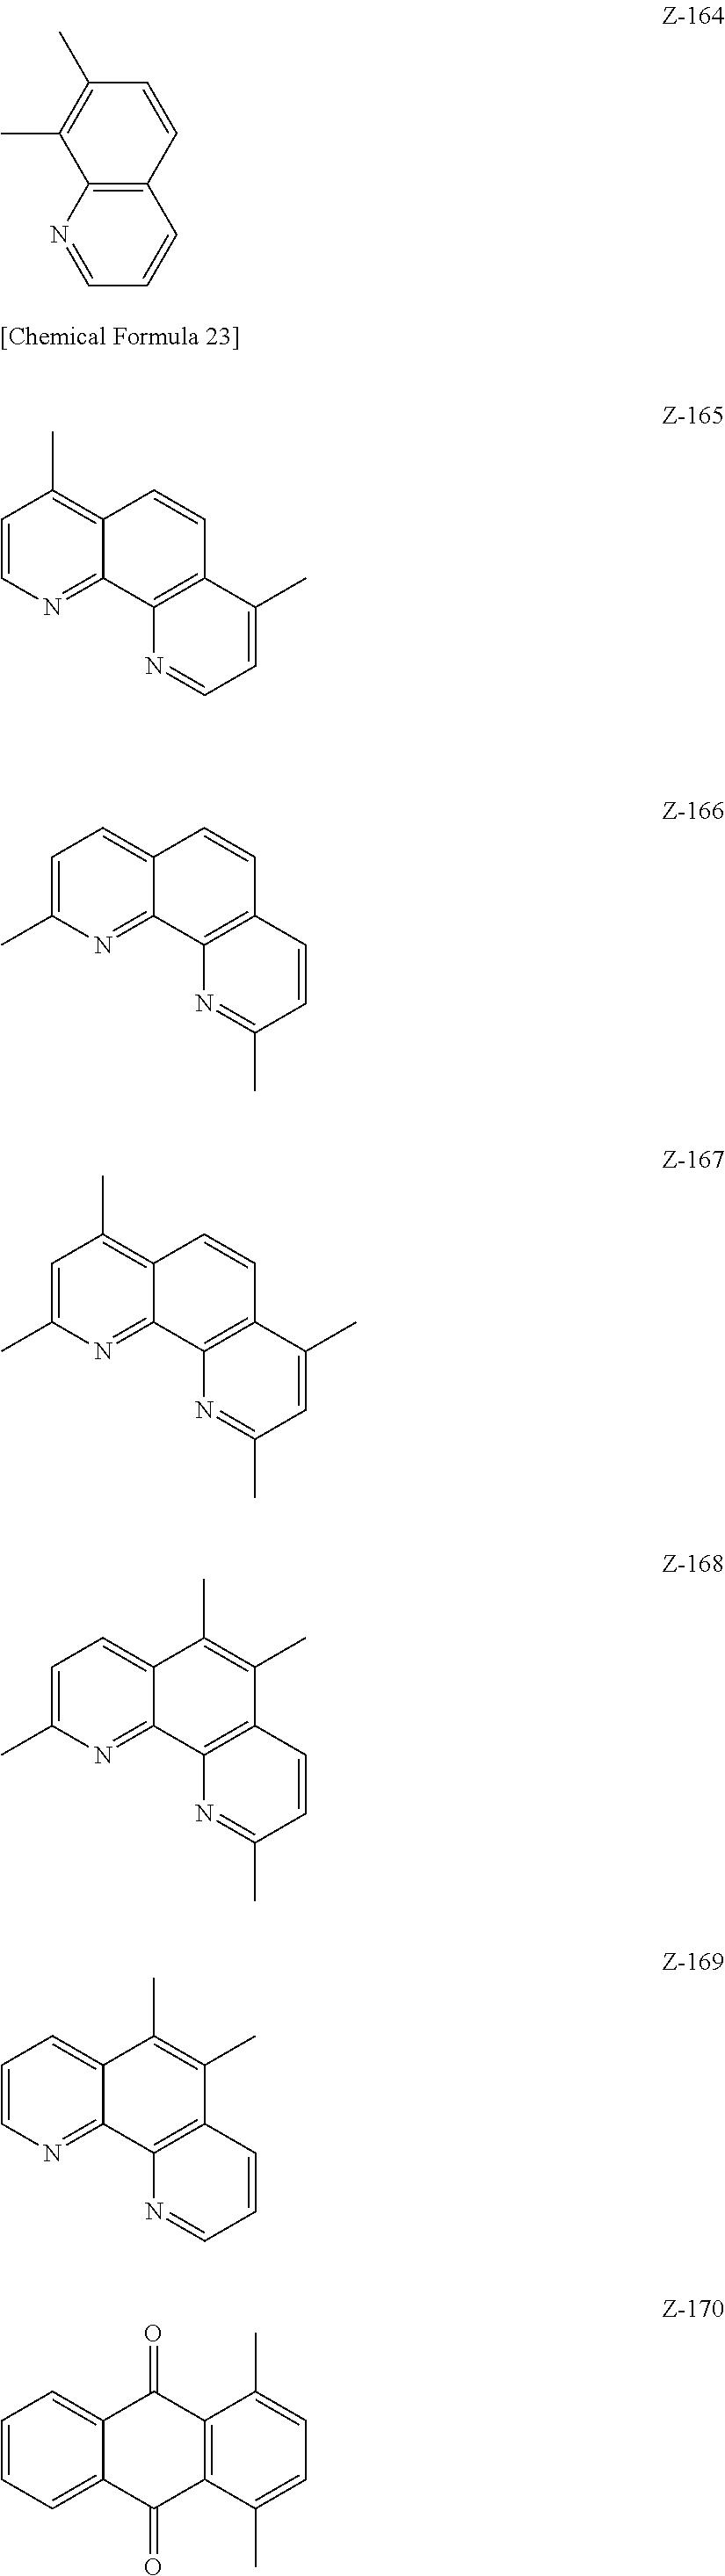 Figure US20110215312A1-20110908-C00050